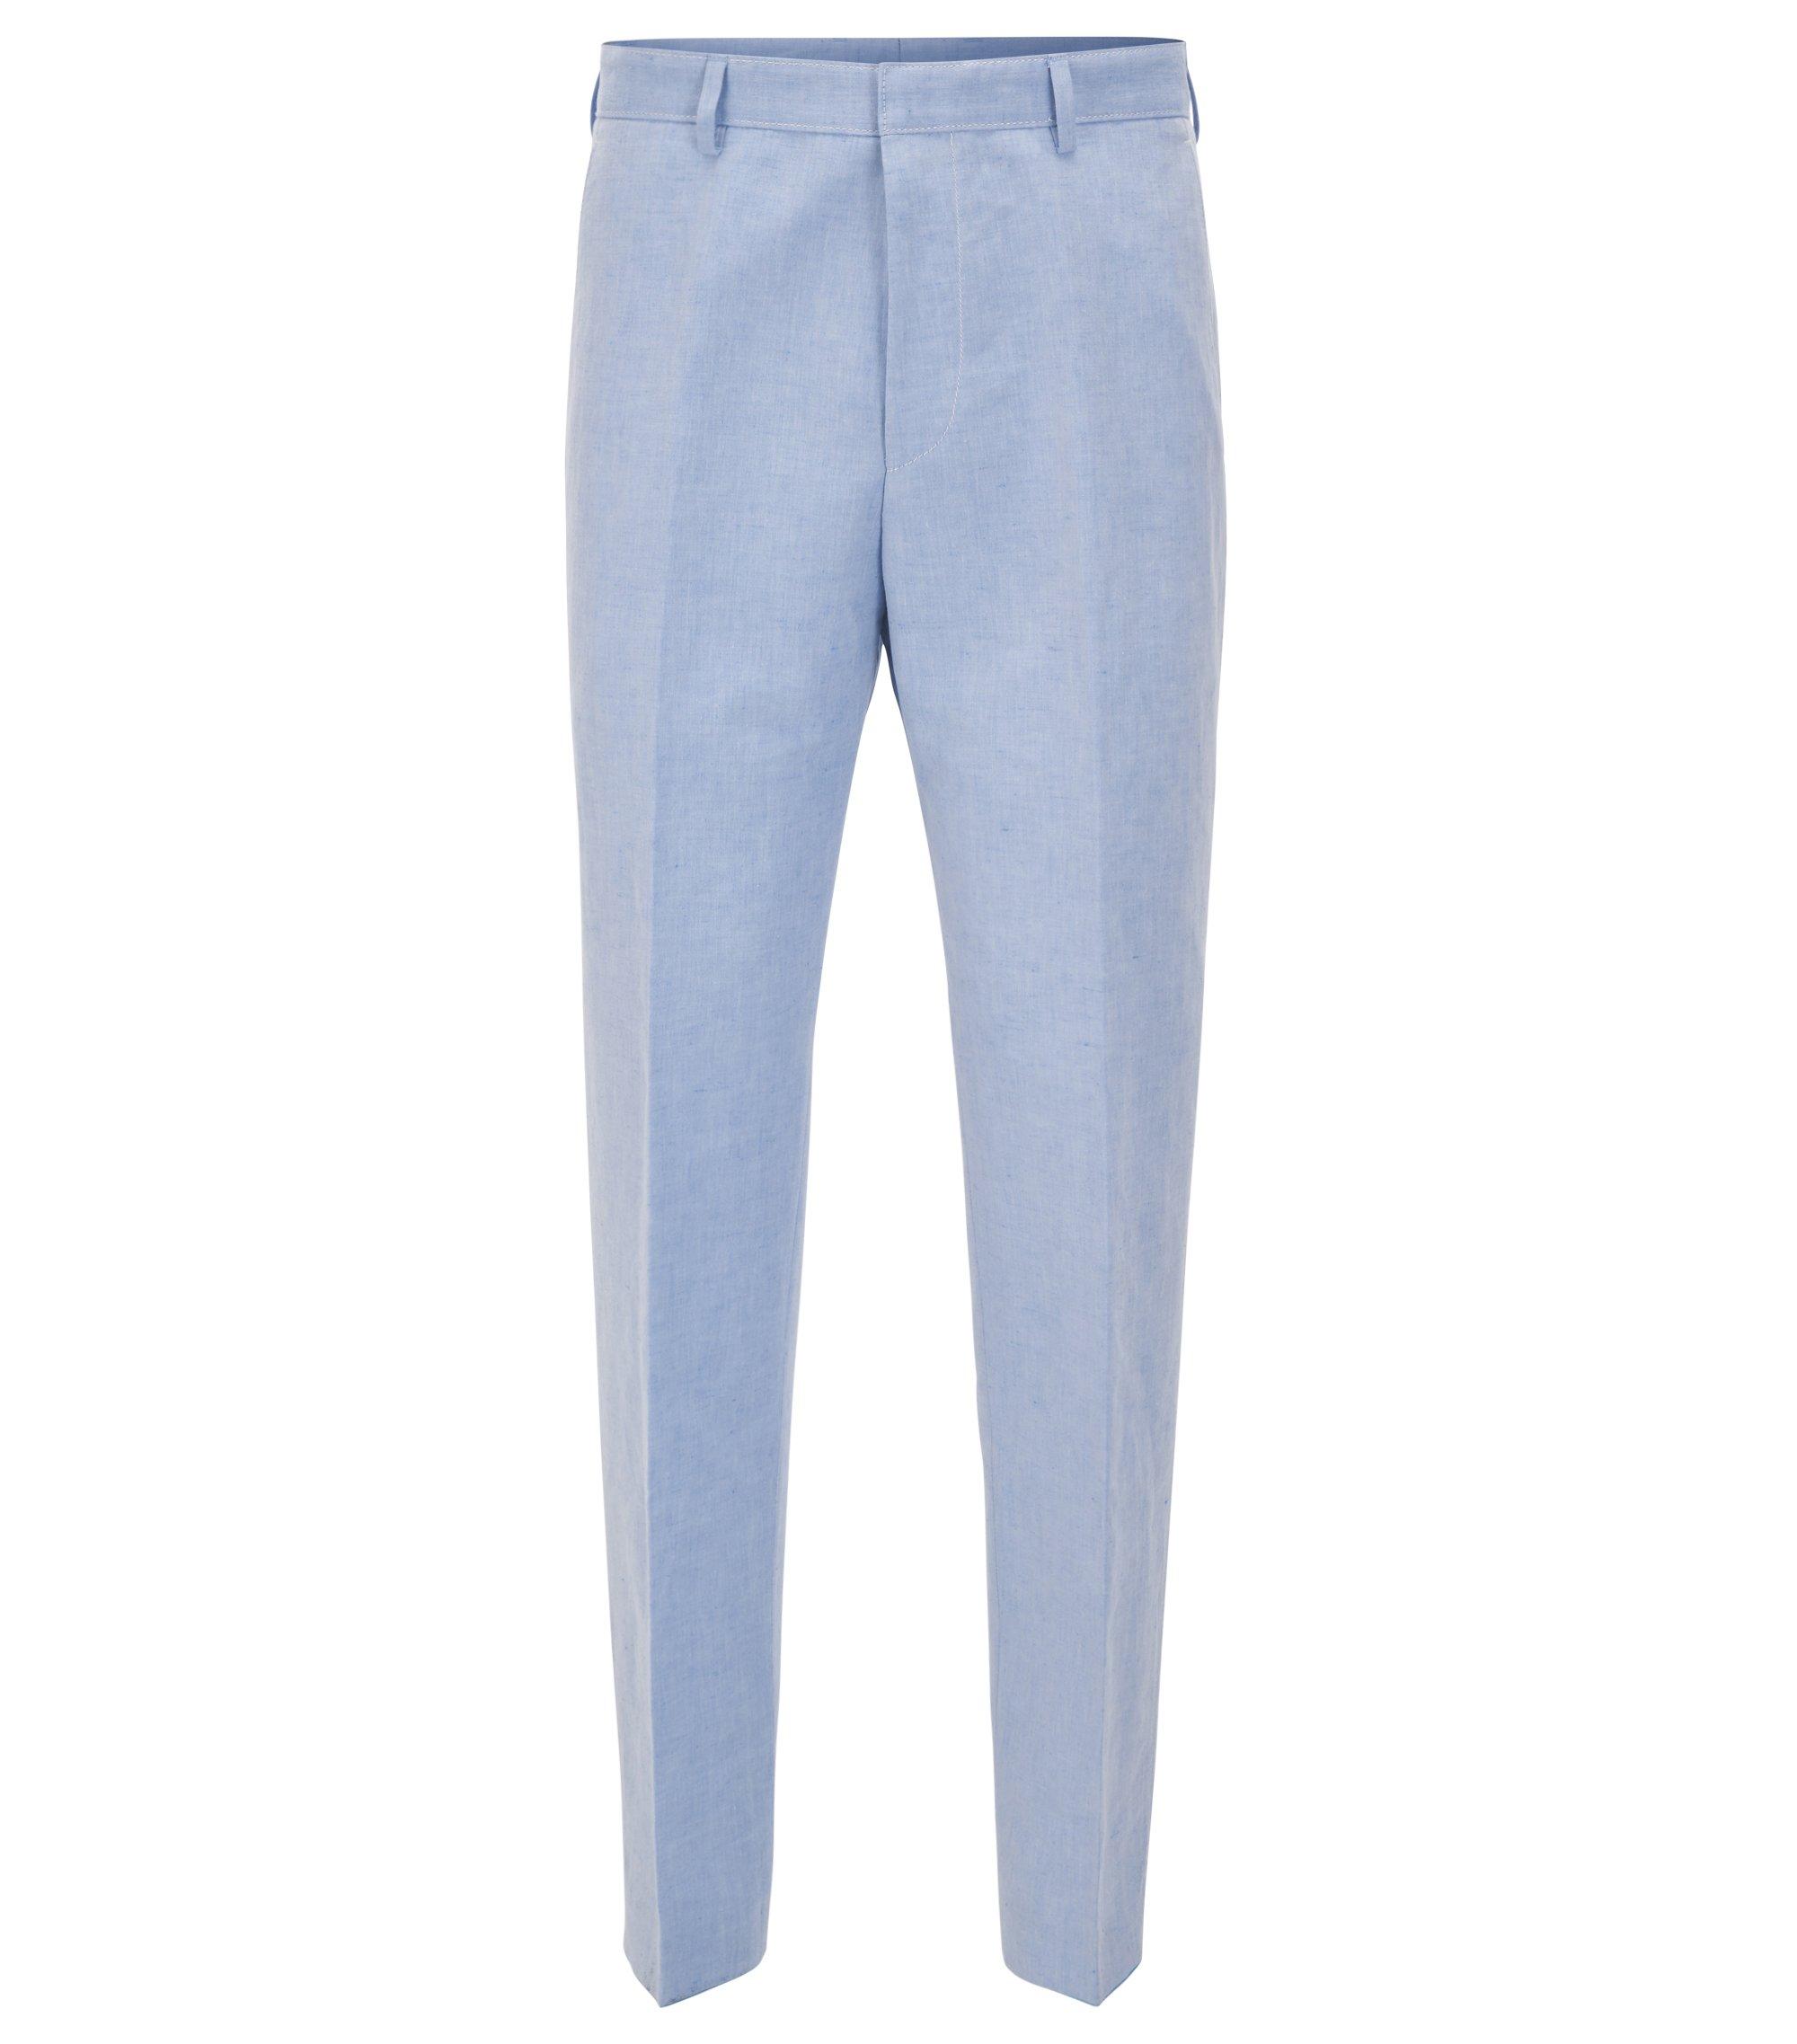 Linen Cotton Dress Pant, Slim Fit | Pirko, Blue